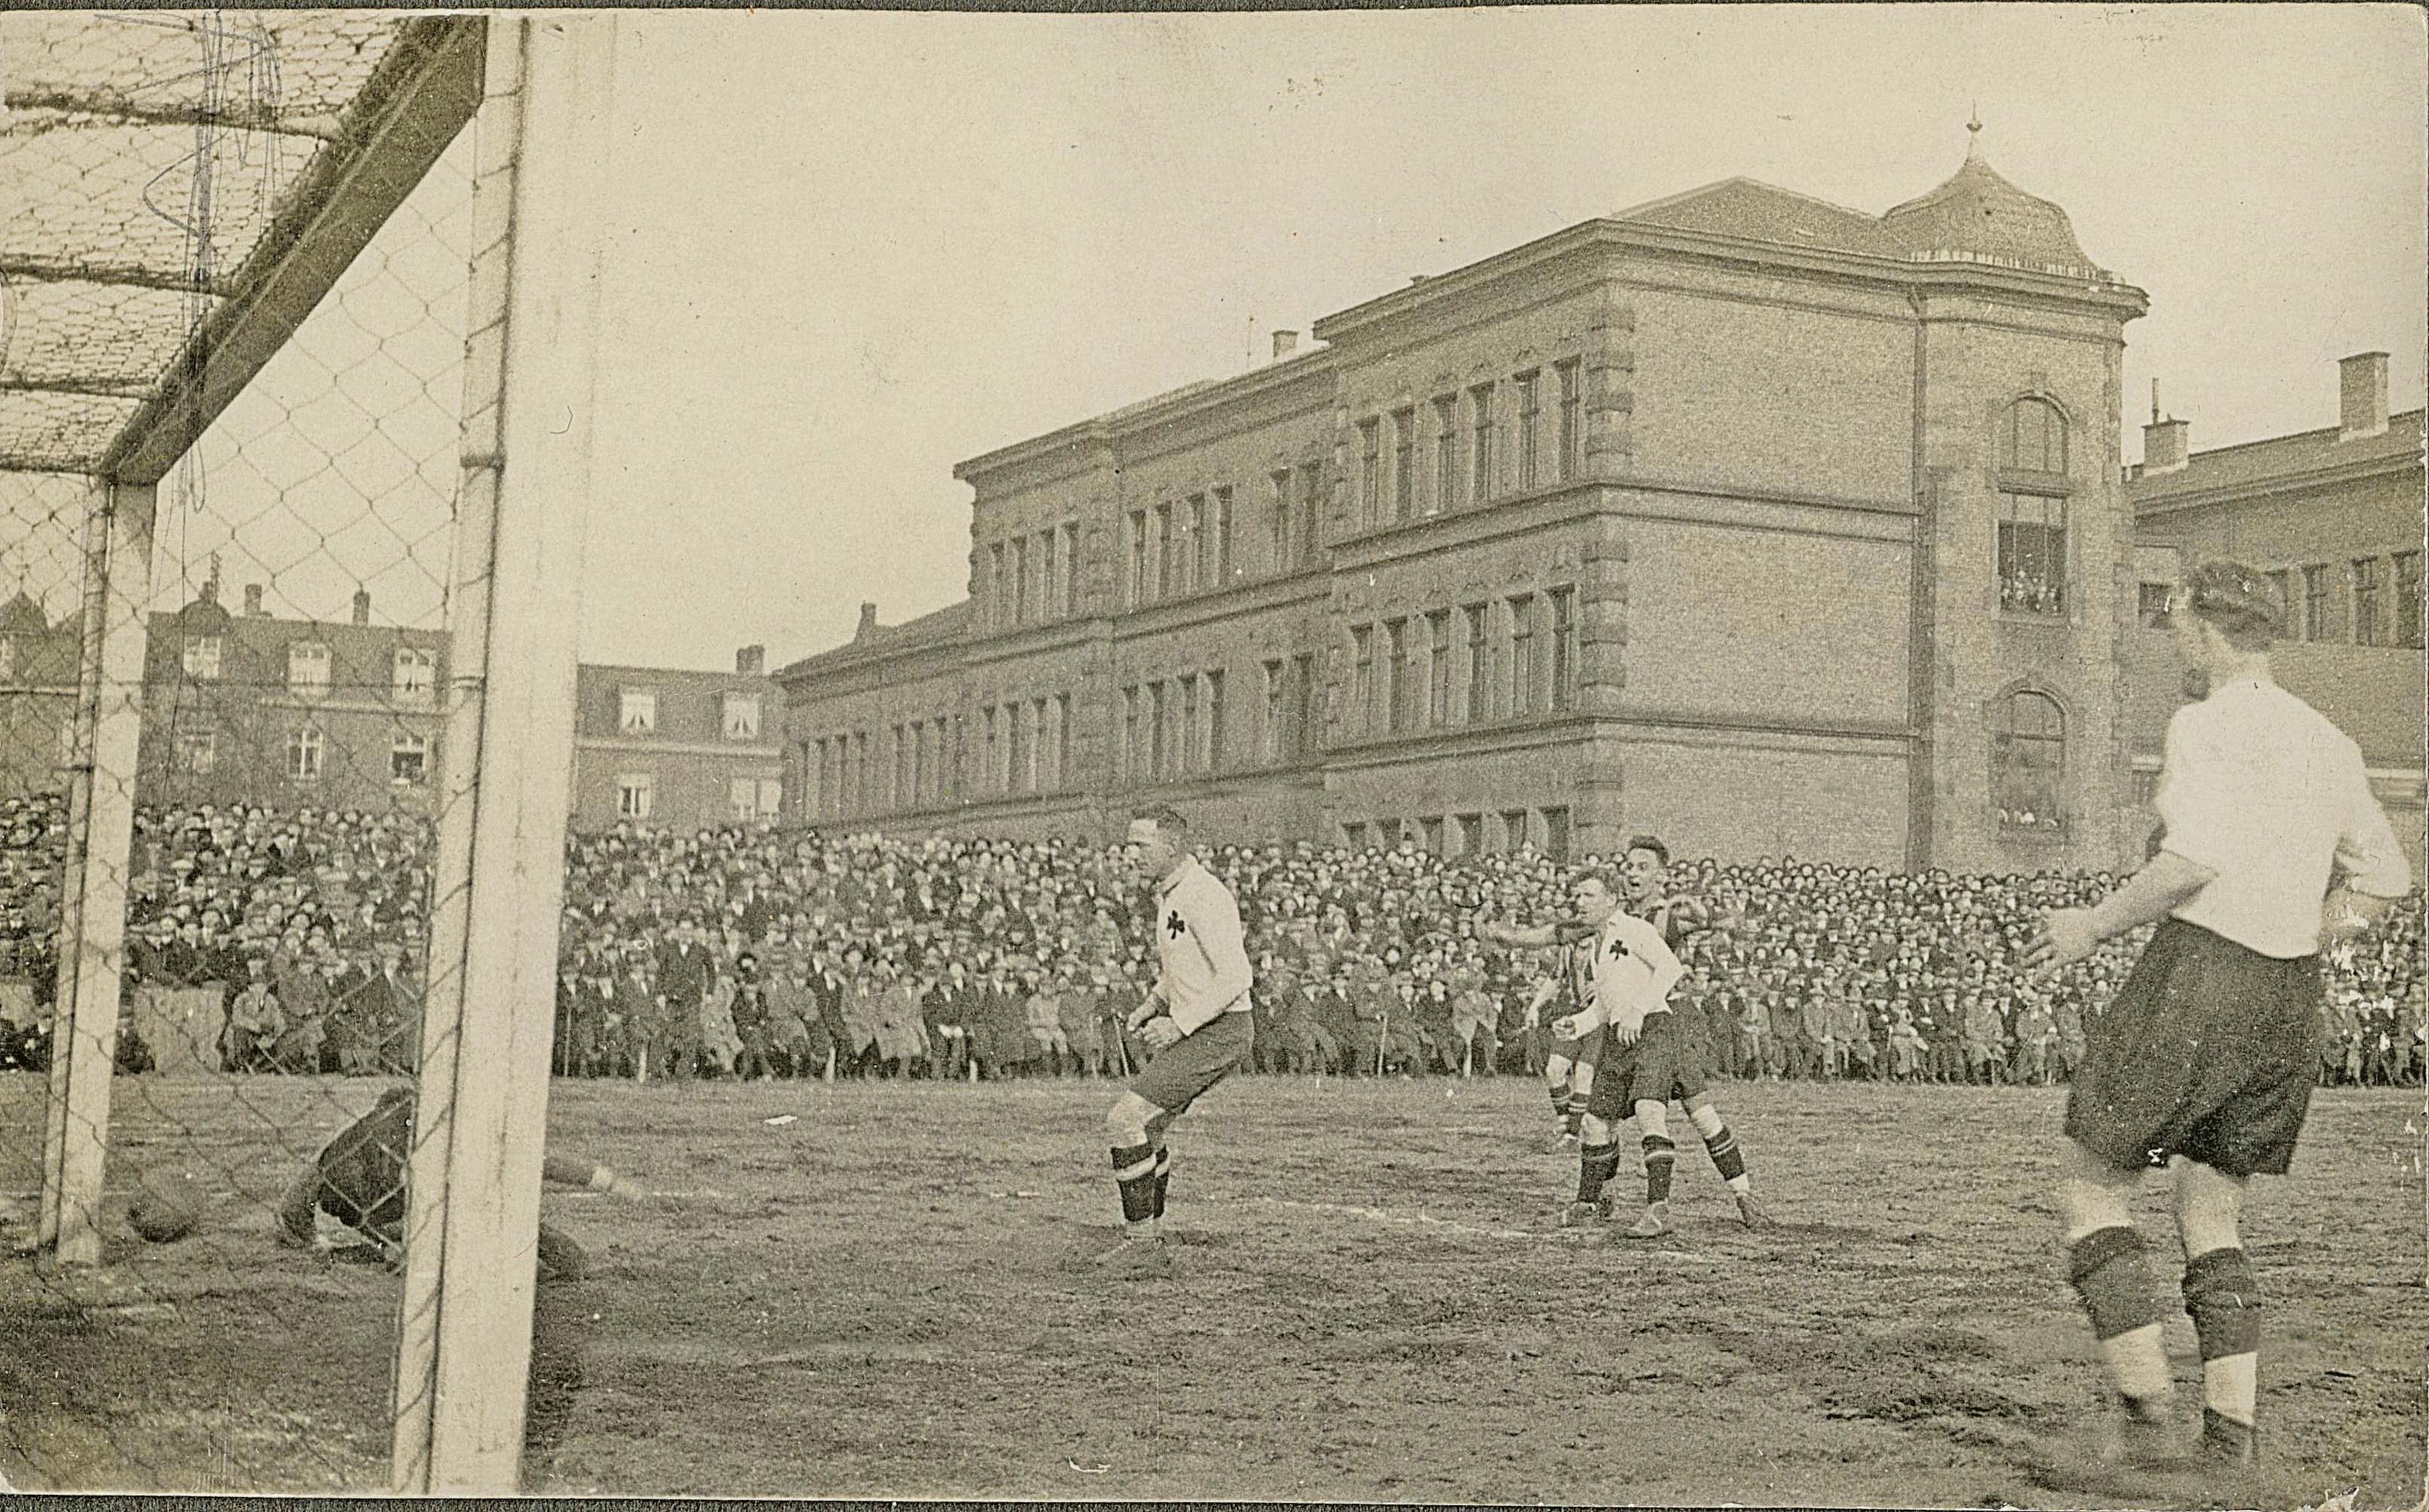 Von 1911 bis 1924 wurde der Sandacker die Spielstätte des SV Waldhof. BILD: ARCHIV B.DIETRICH